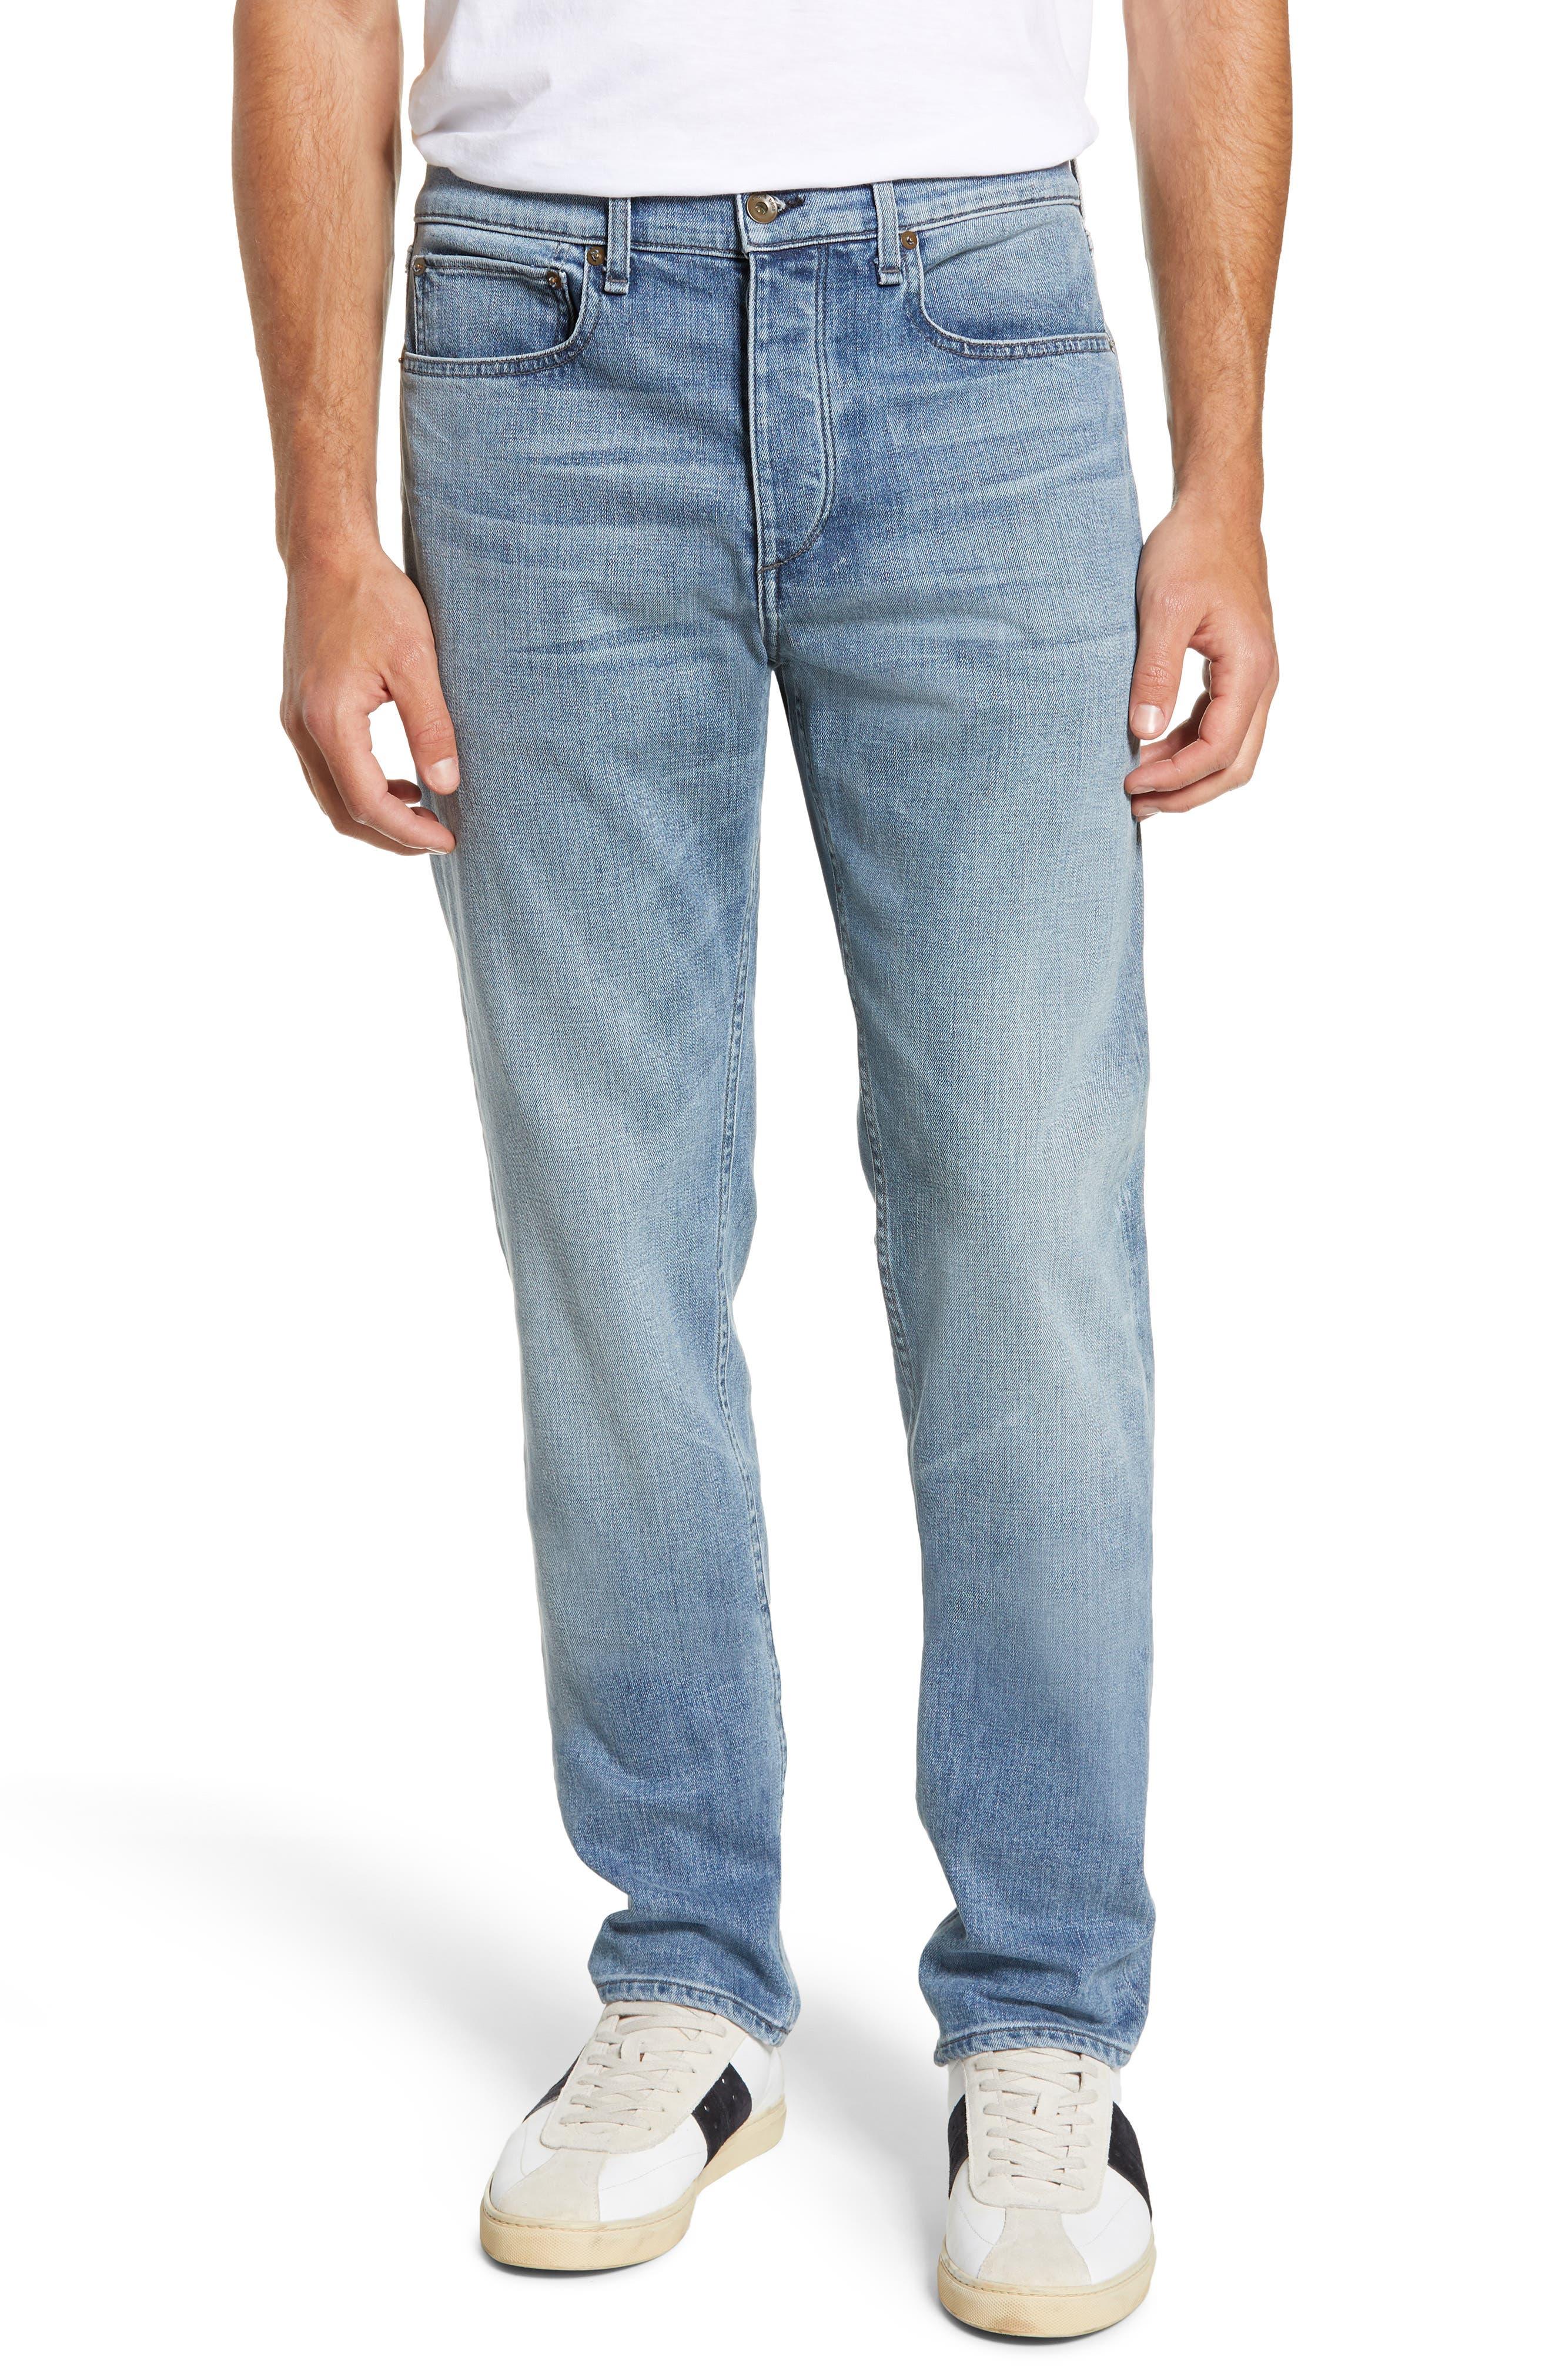 Nordstrom For Jeans amp; Rag Men Bone pw7xU8qv1